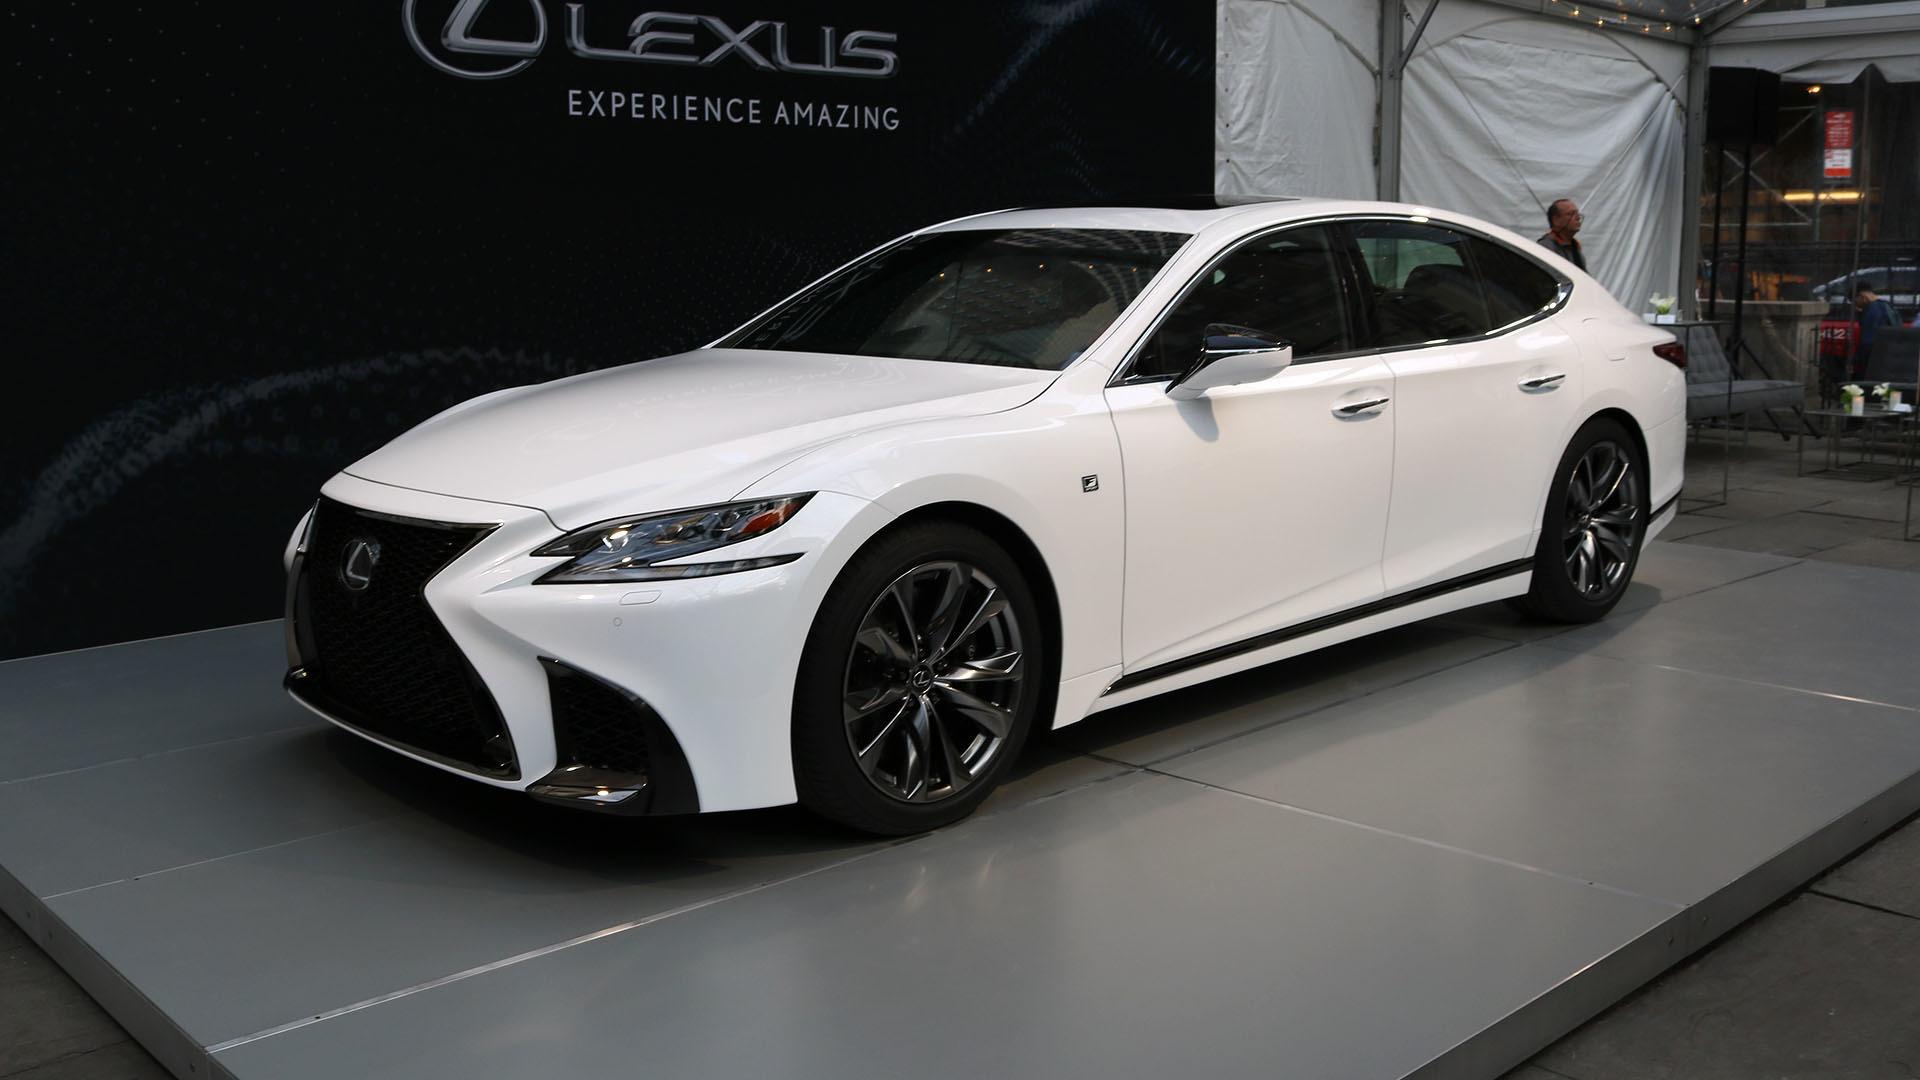 2018 lexus 600h. unique 2018 and 2018 lexus 600h